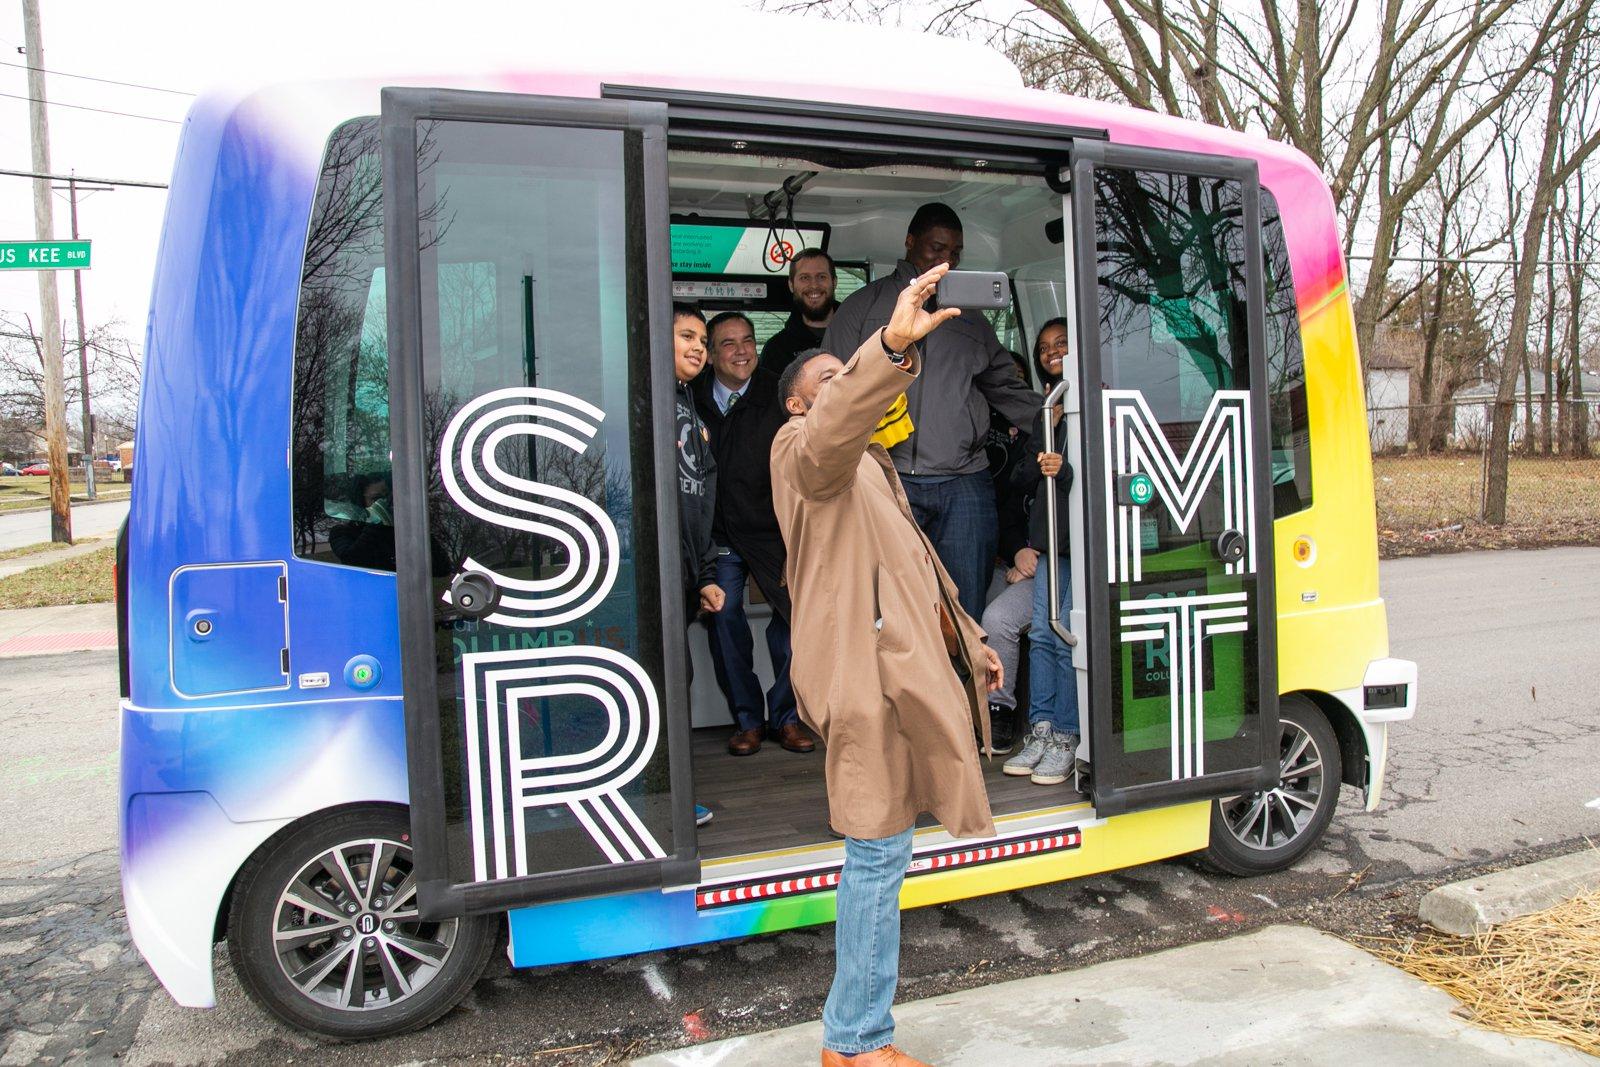 Serviço de ônibus elétrico autônomo deve ser retomado até março de 2021, durante estudo realizado sobre mobilidade inteligente. (Fonte: Smart Columbus)